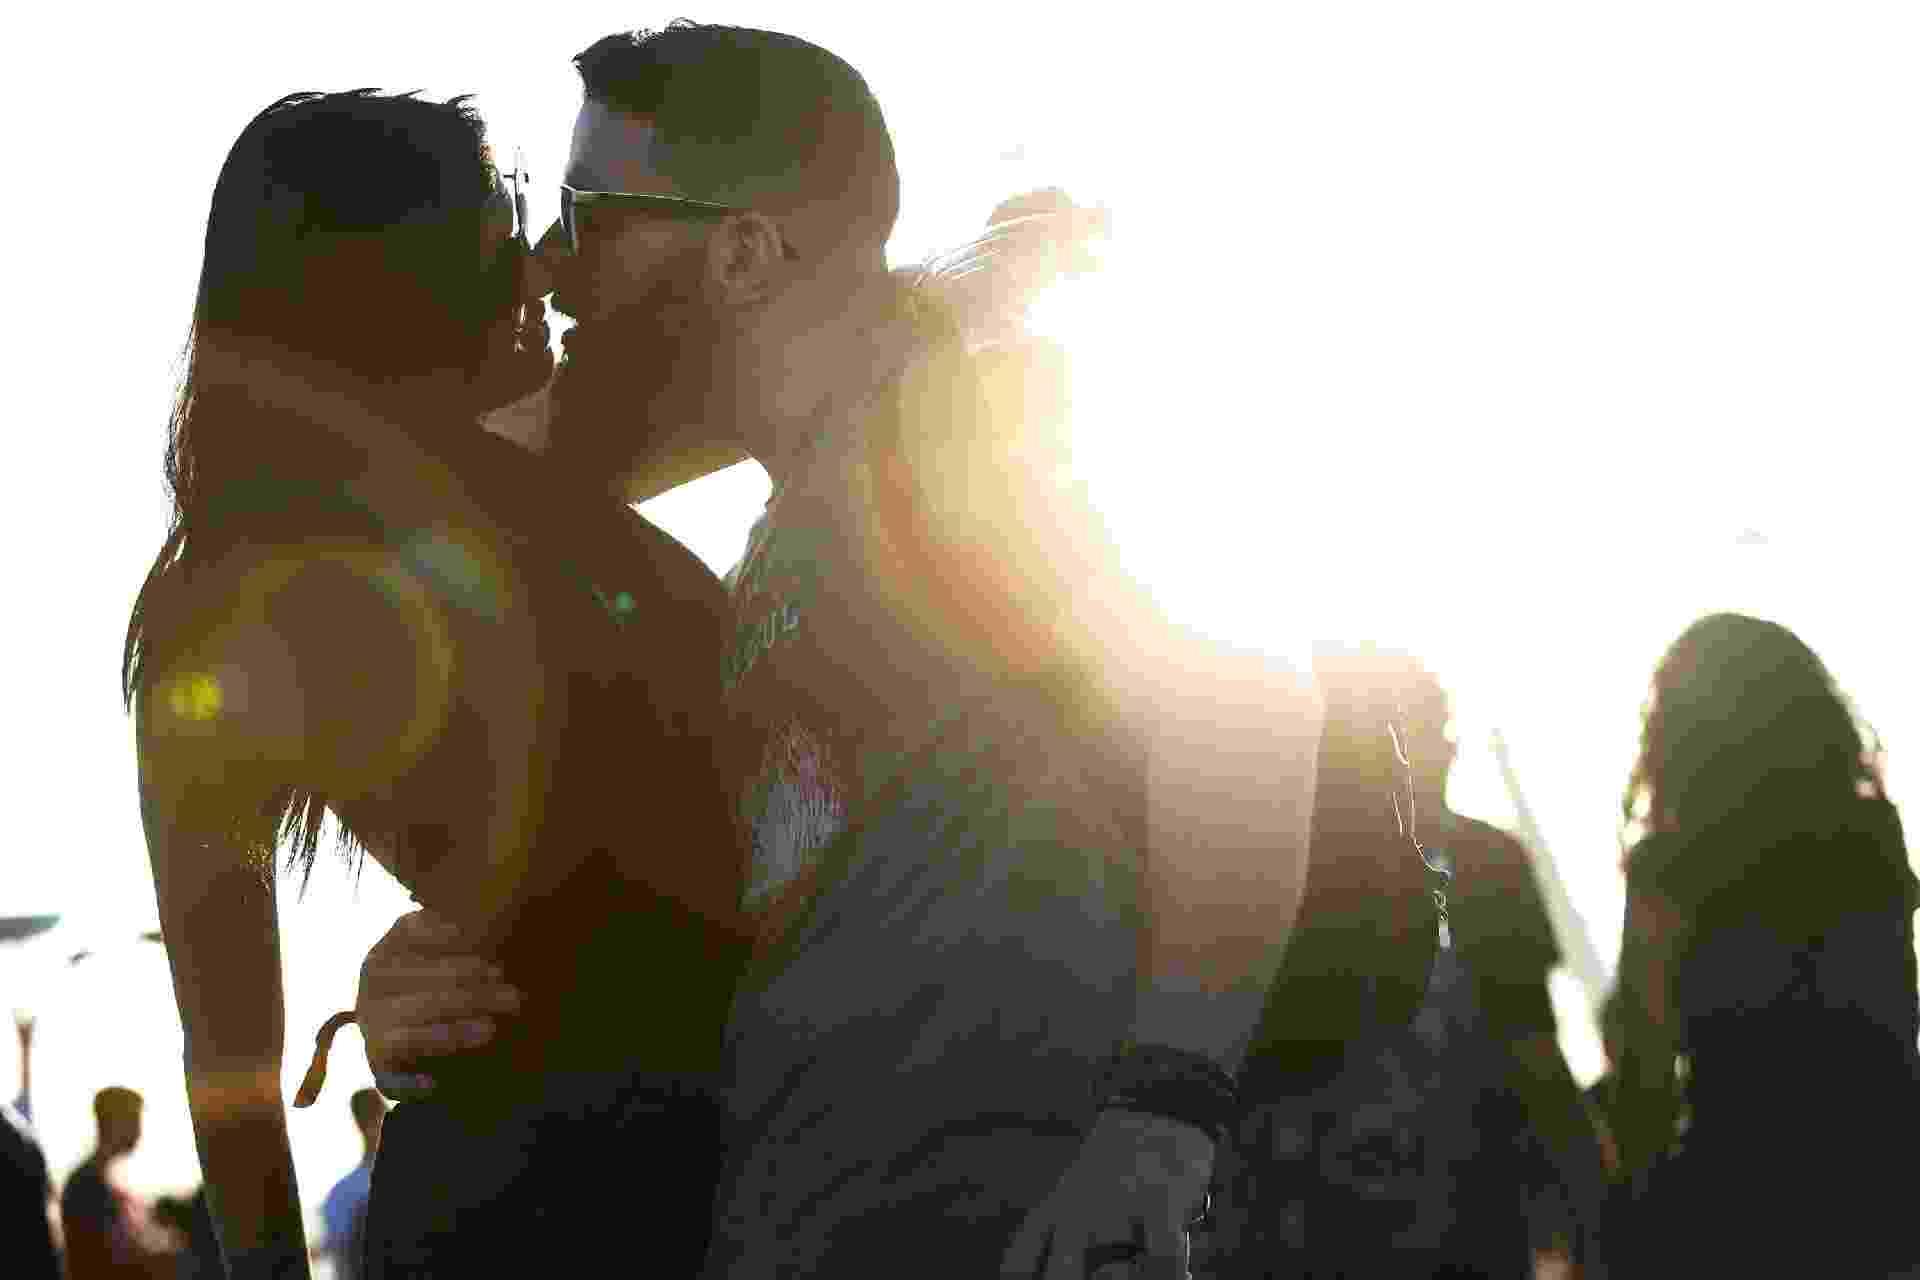 Muitos casais apaixonados trocam beijos no quarto dia de Rock in Rio - Marcos Antonio Teixeira/UOL